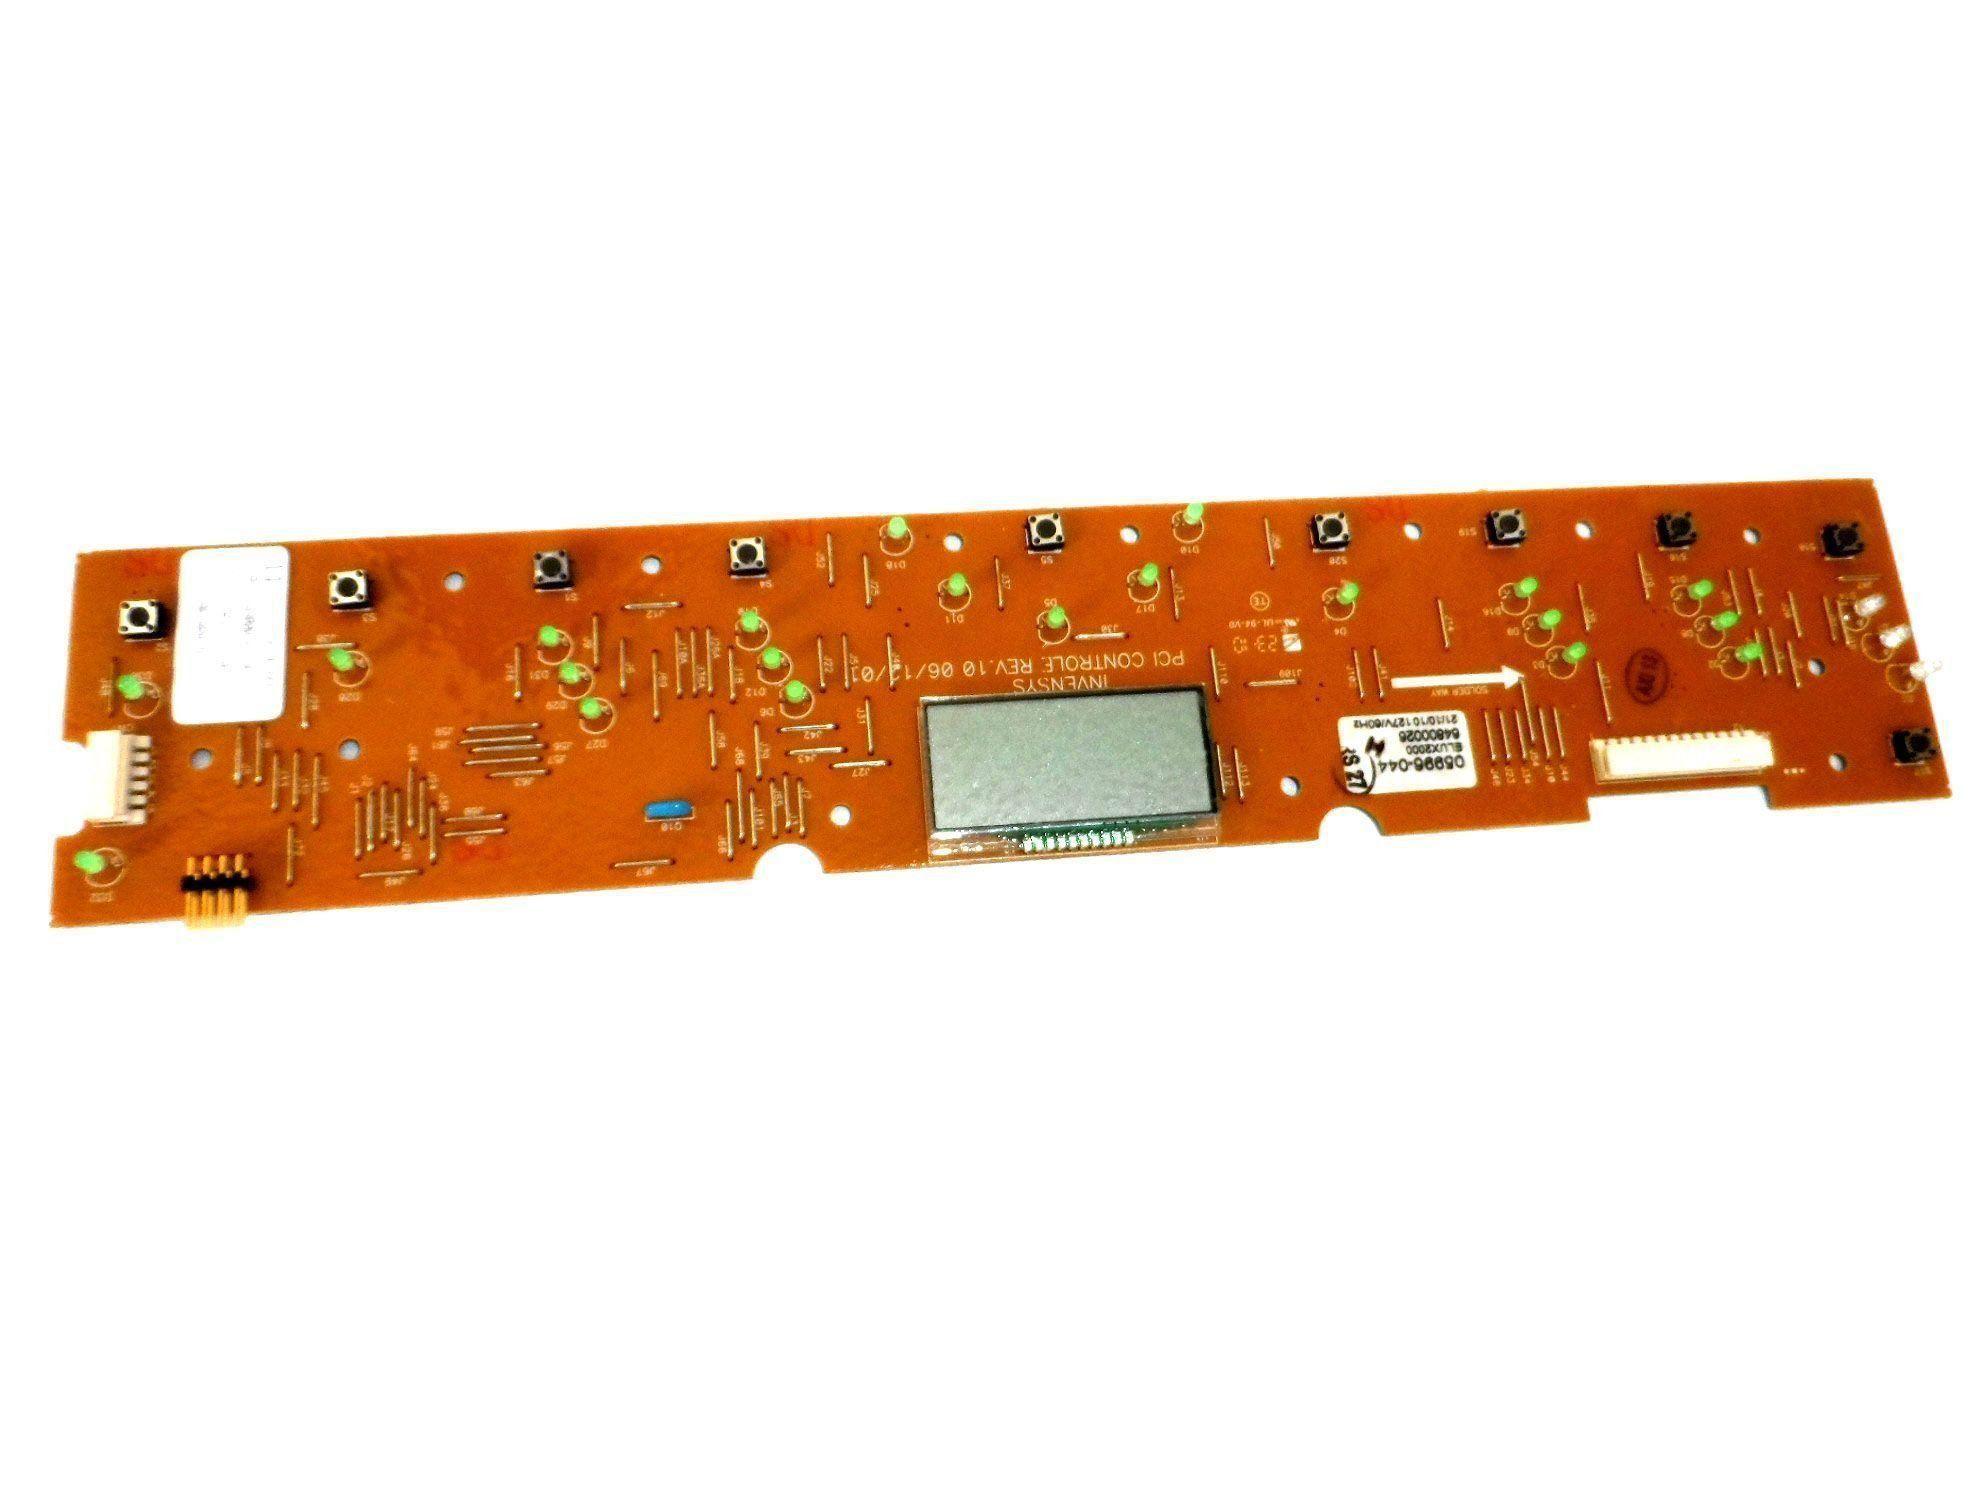 Placa Eletrônica Potência Refrigerador Electrolux  64800026